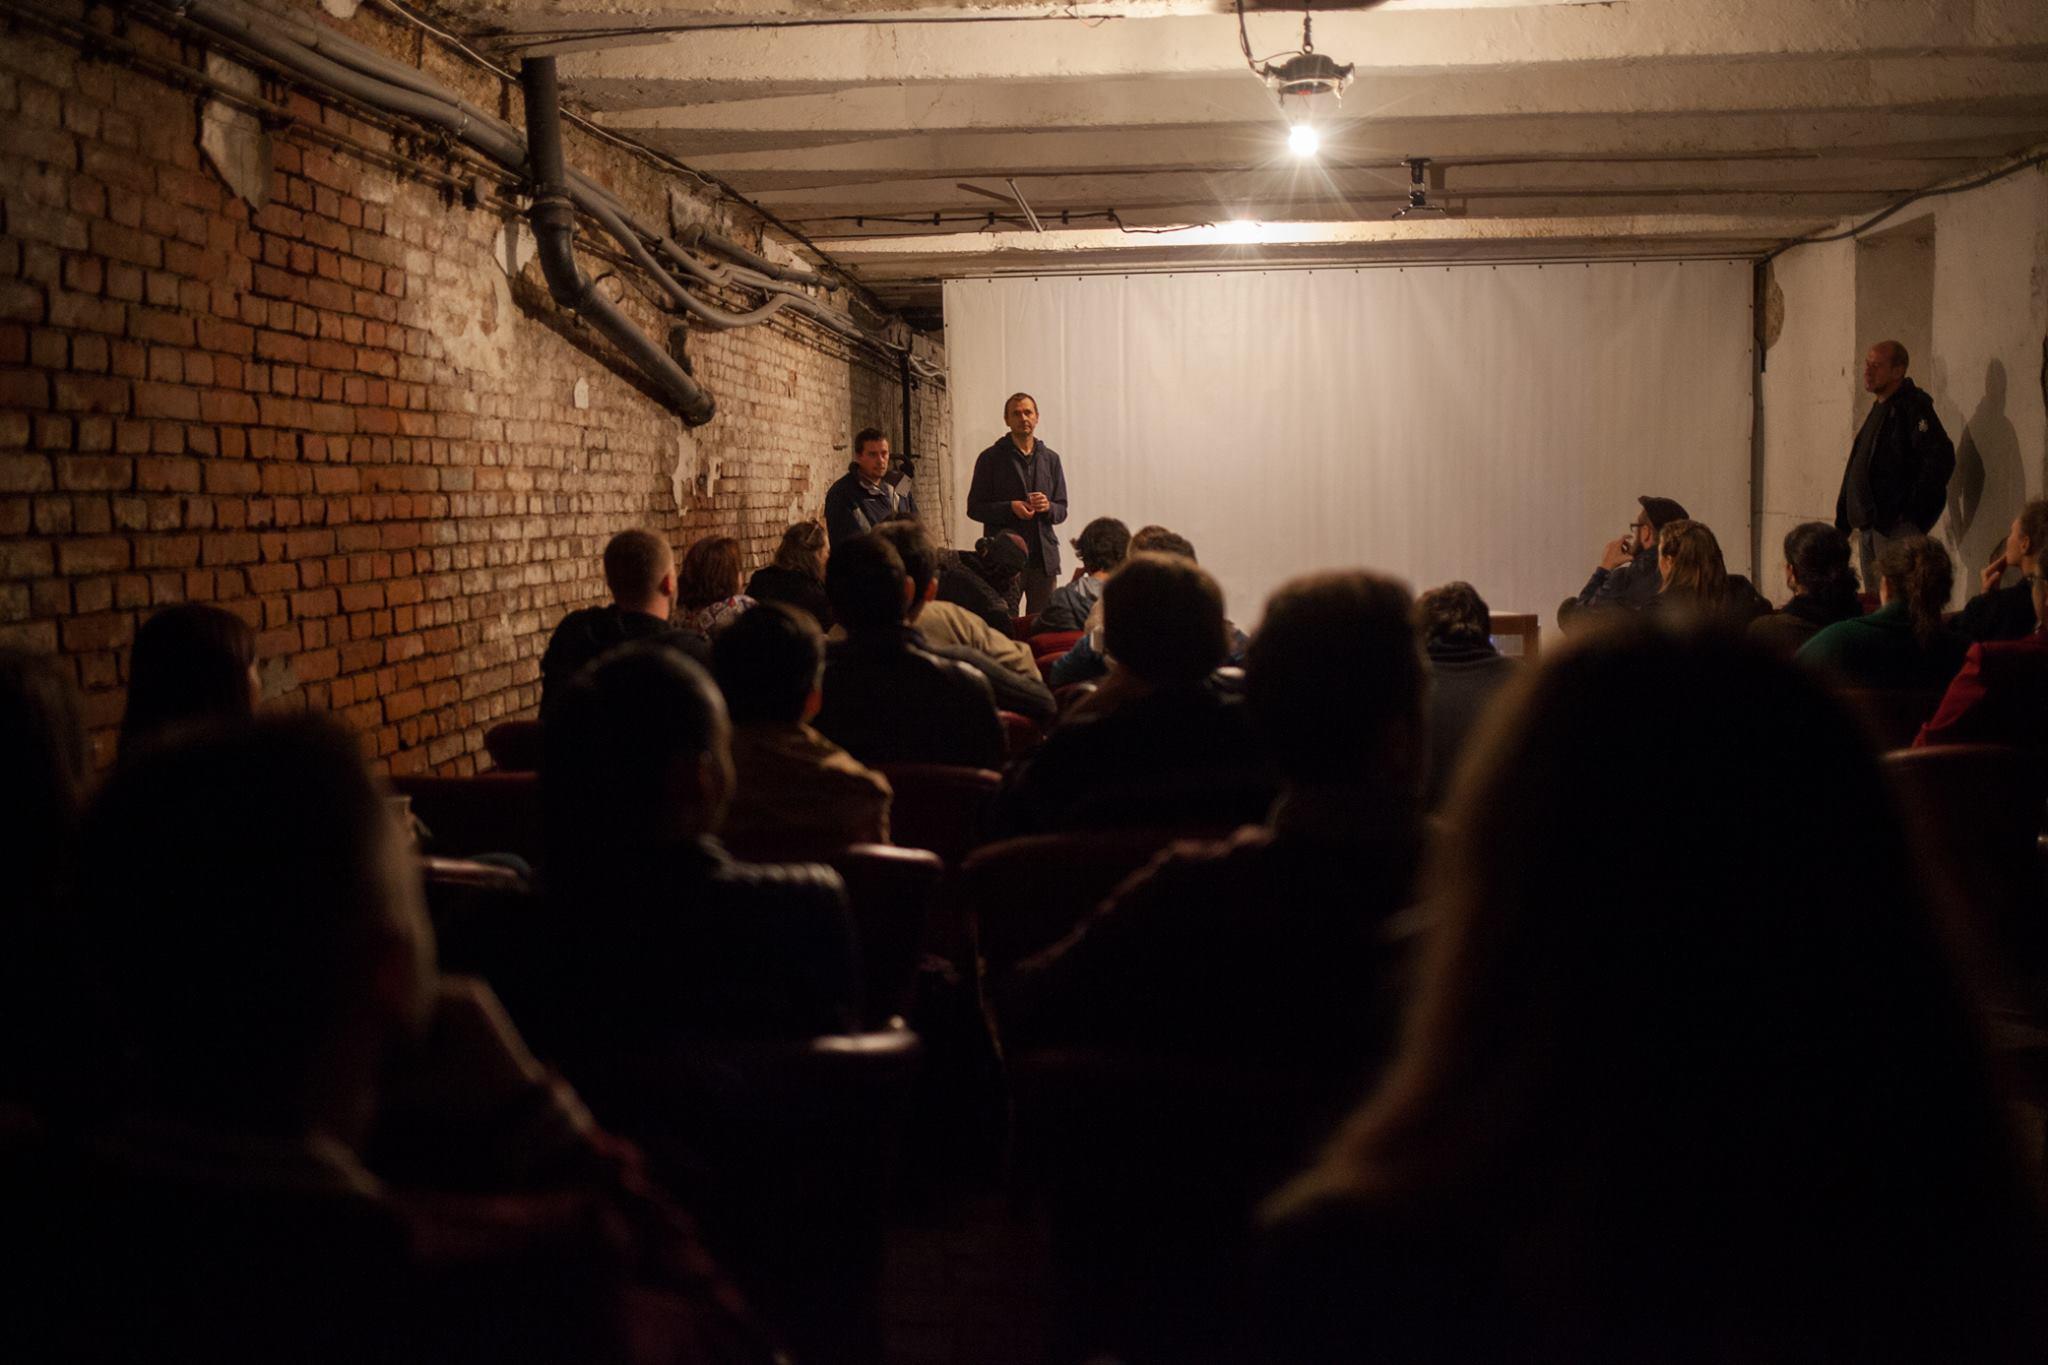 """Proiecția documentarului """"Fenomenul Piața Matache"""" la Cluj. Sursă foto: In/Out Transylvania Photo Festival"""